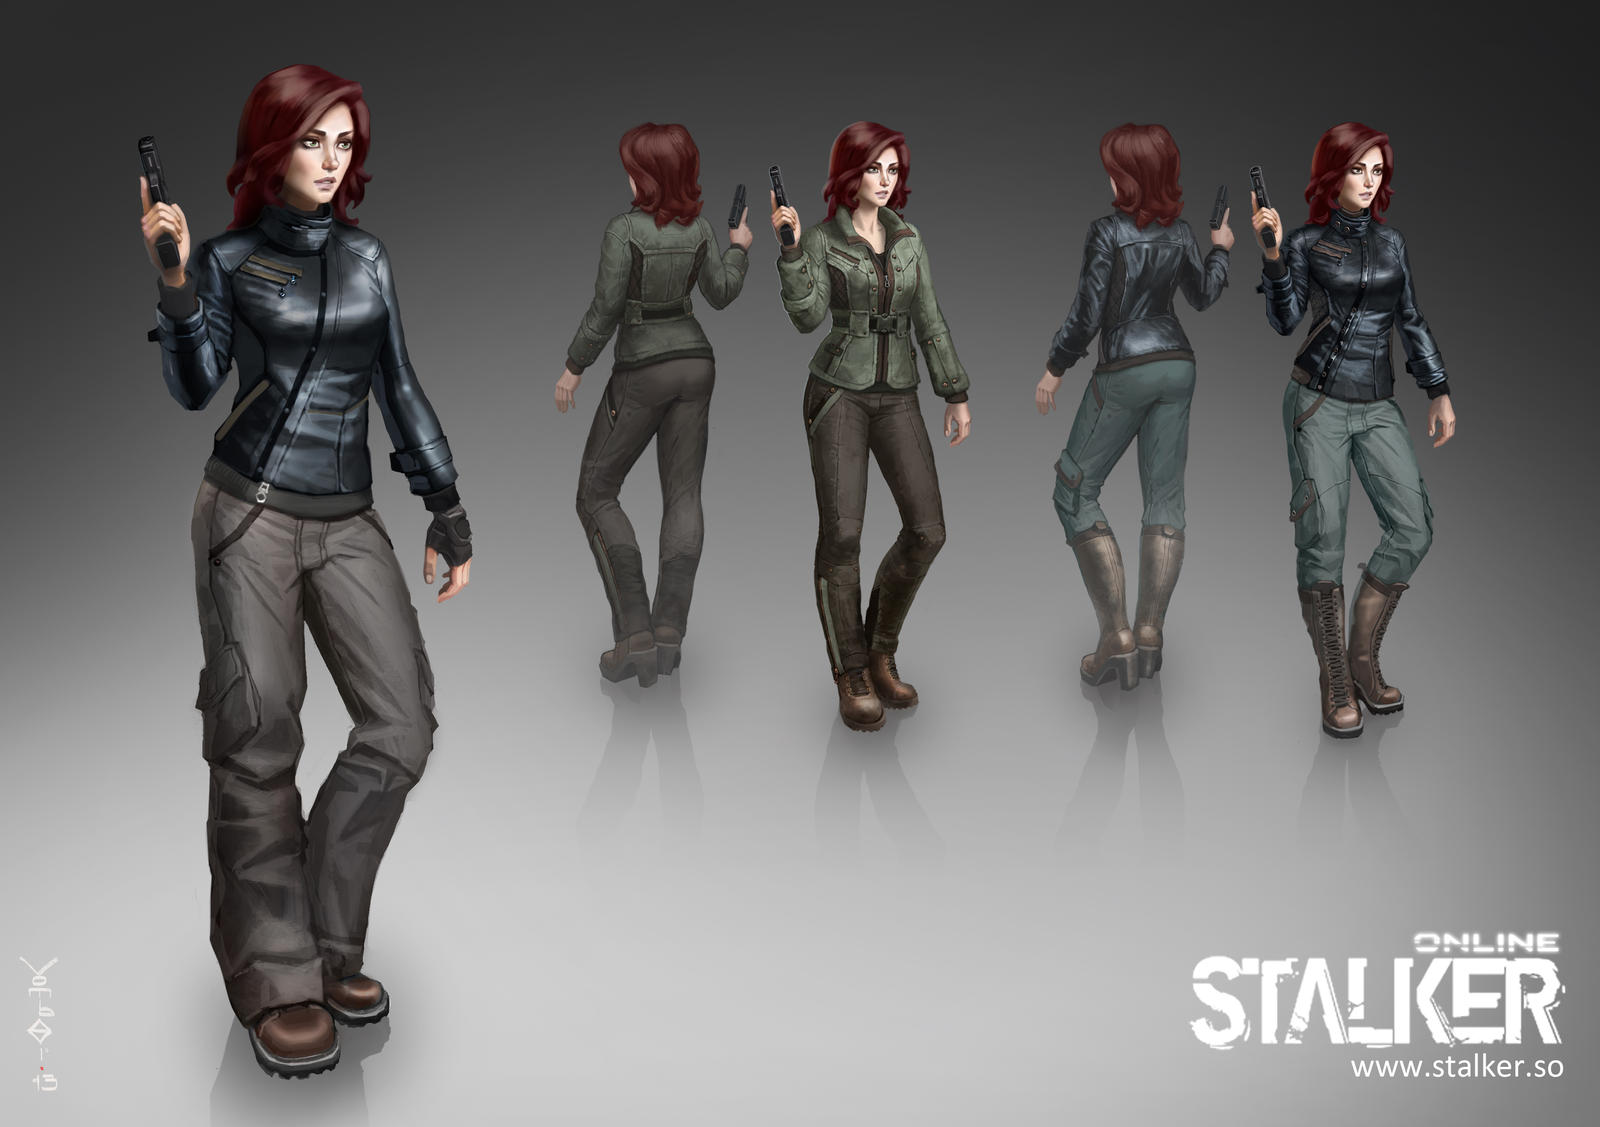 http://img12.deviantart.net/4025/i/2014/248/8/c/female_character_by_vombavr-d7y0bov.jpg